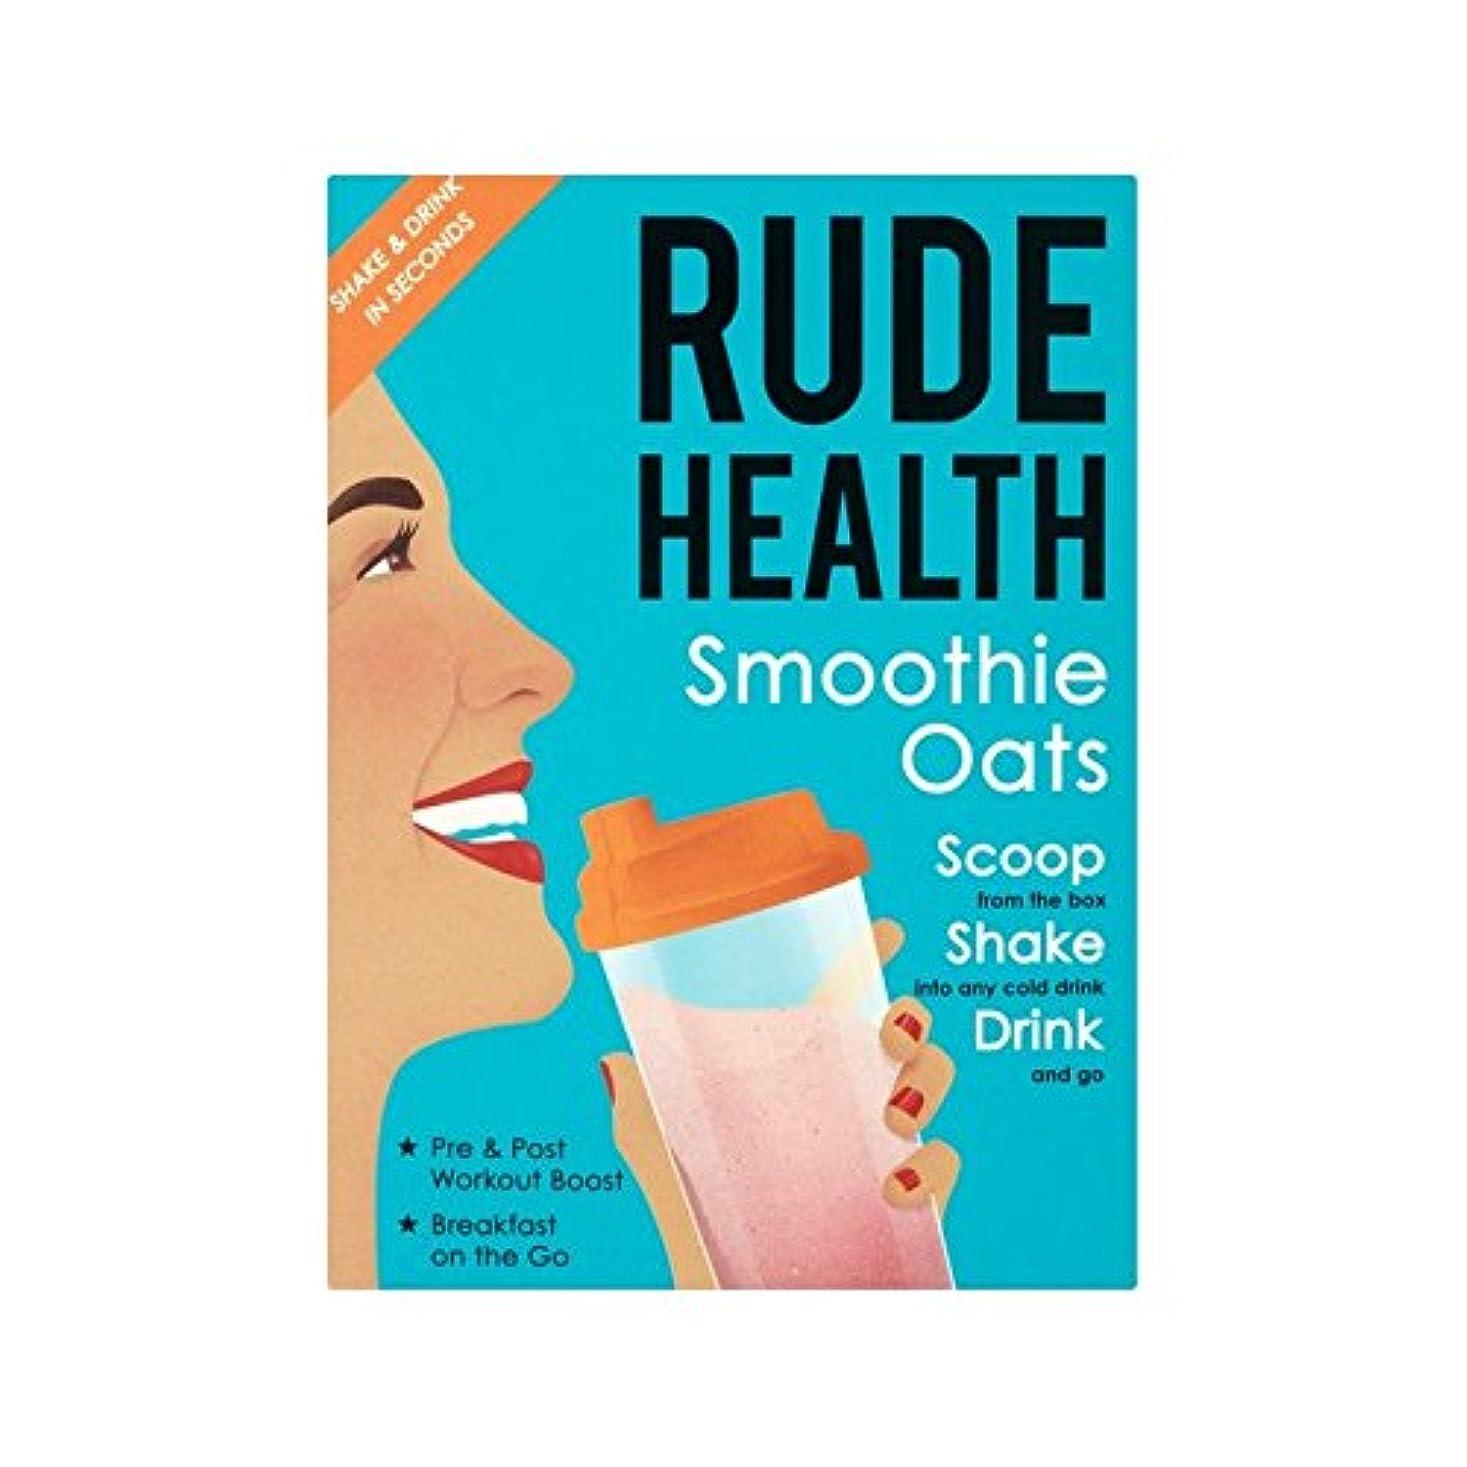 インゲン受け入れる大工スムージーオート麦250グラム (Rude Health) - Rude Health Smoothie Oats 250g [並行輸入品]